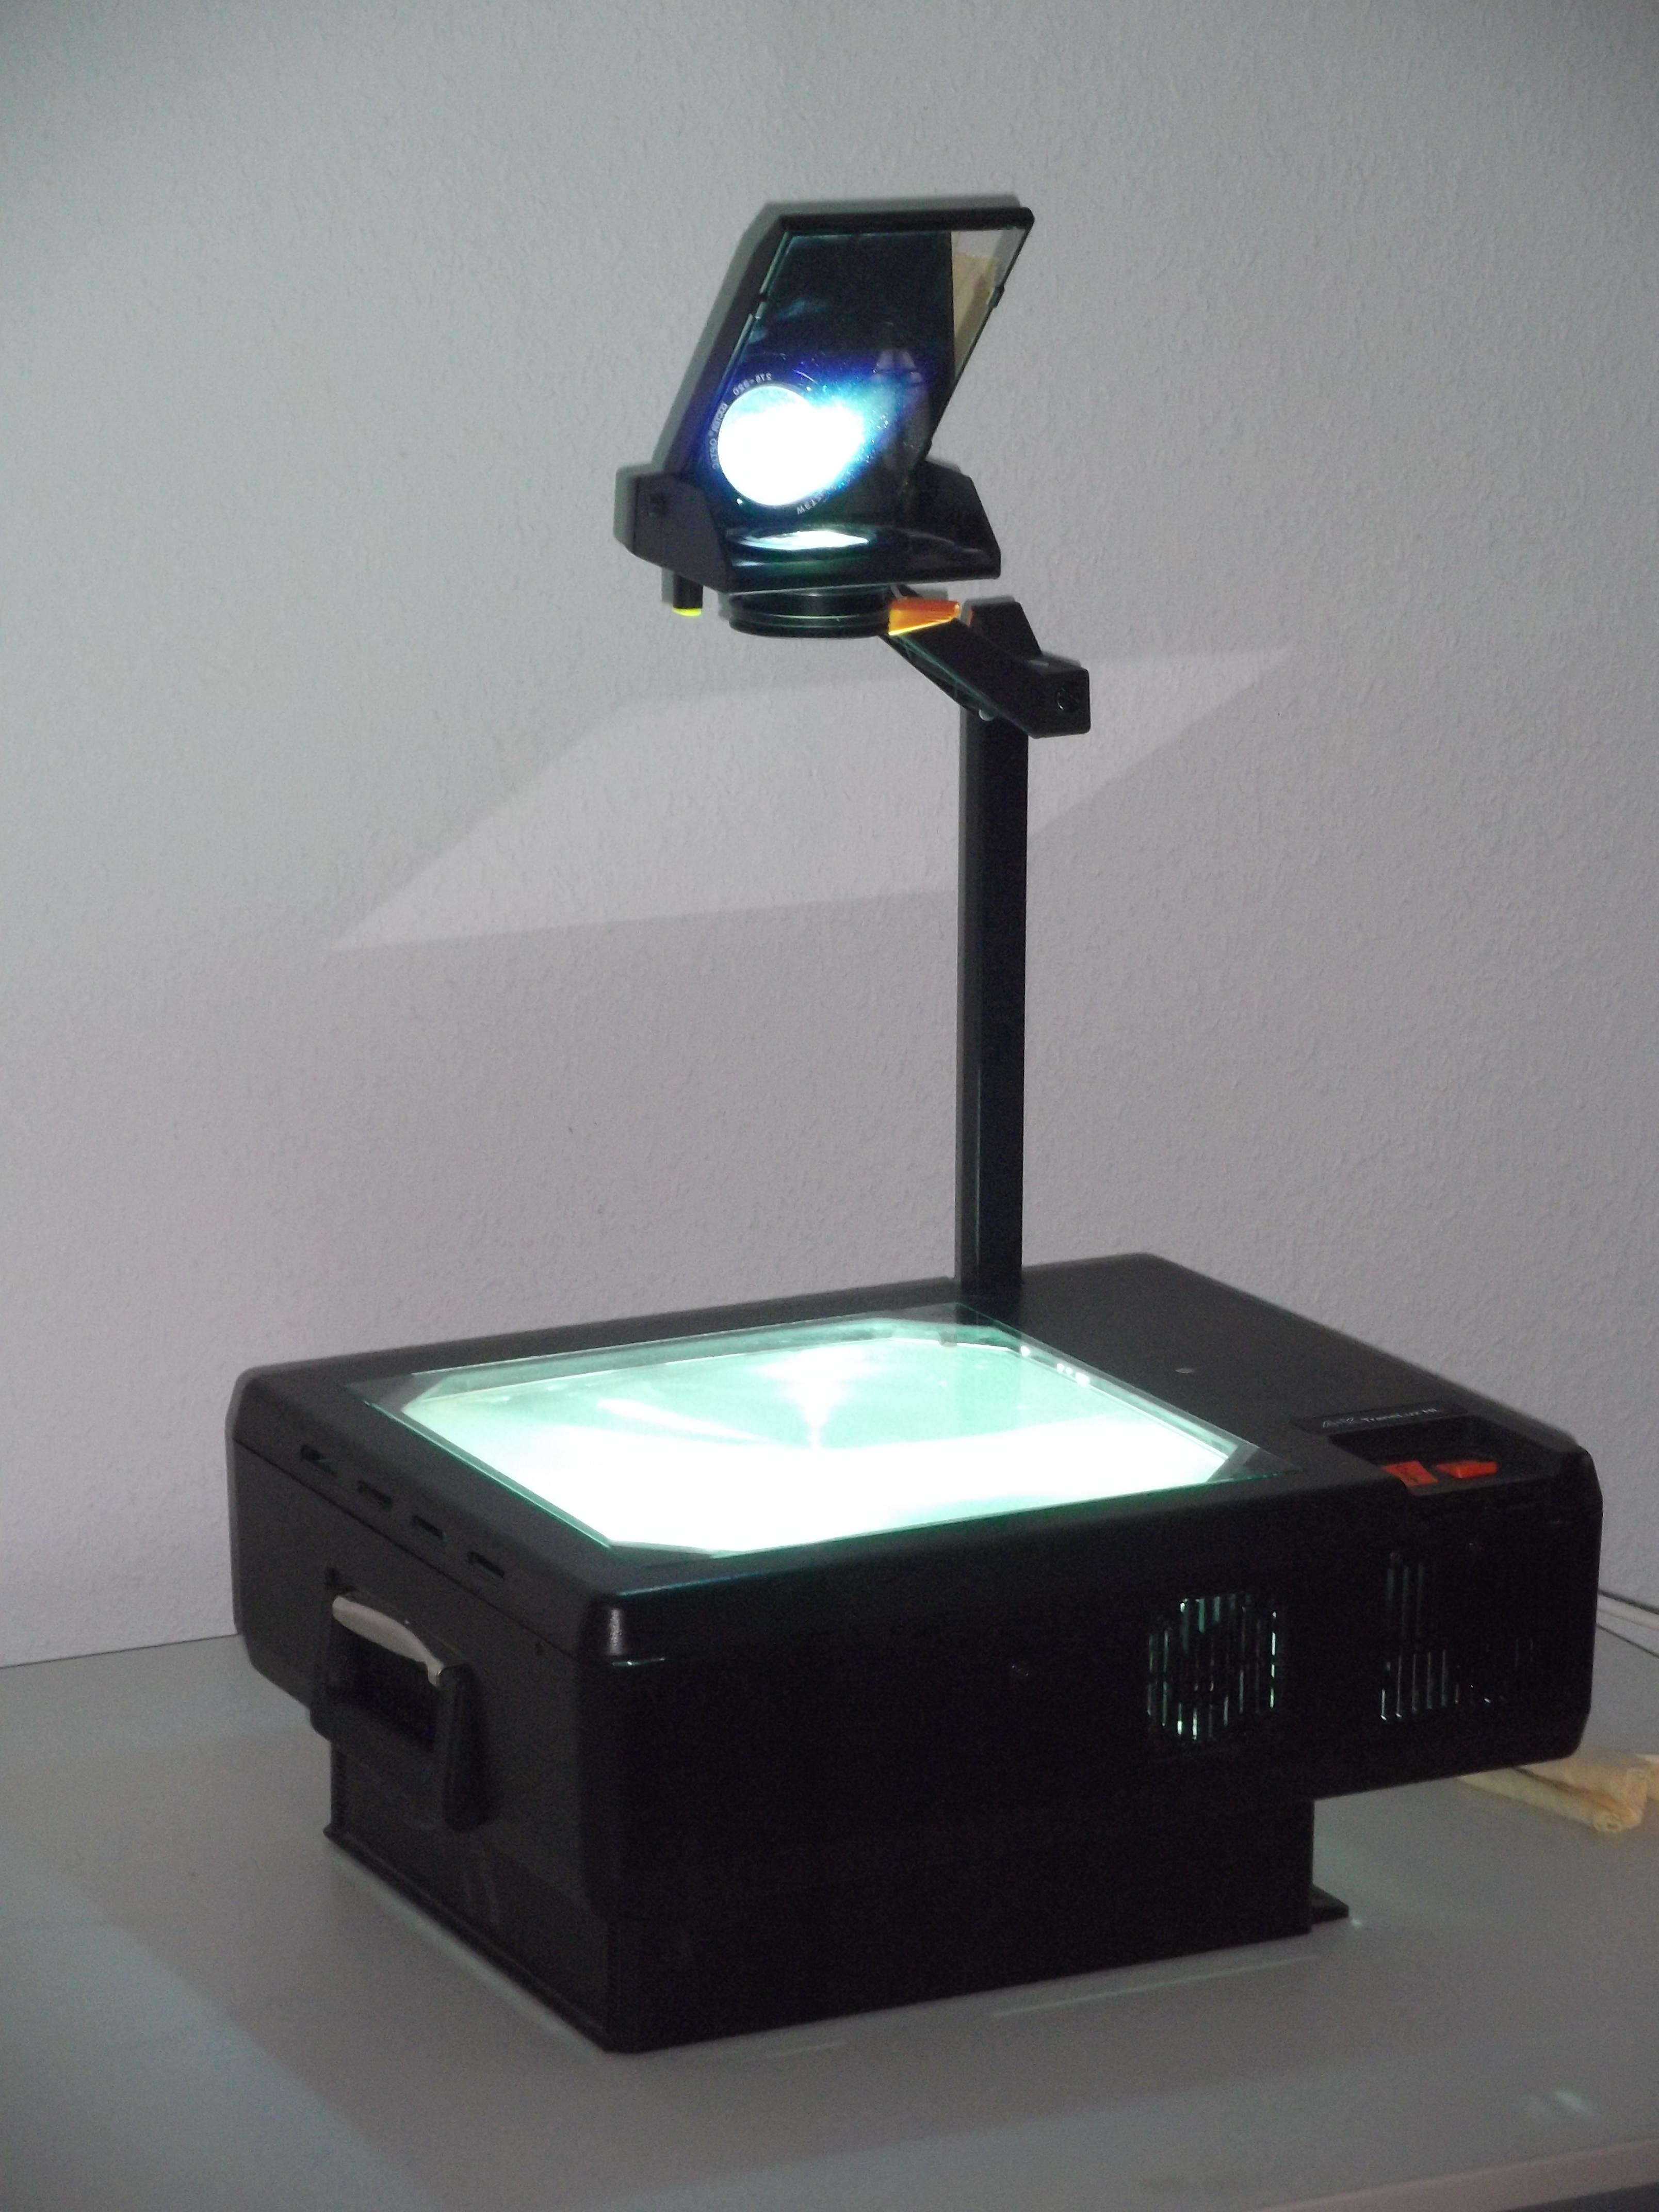 телеграмм прибор проецирующий рисунок или фото многократно камеры находятся очень